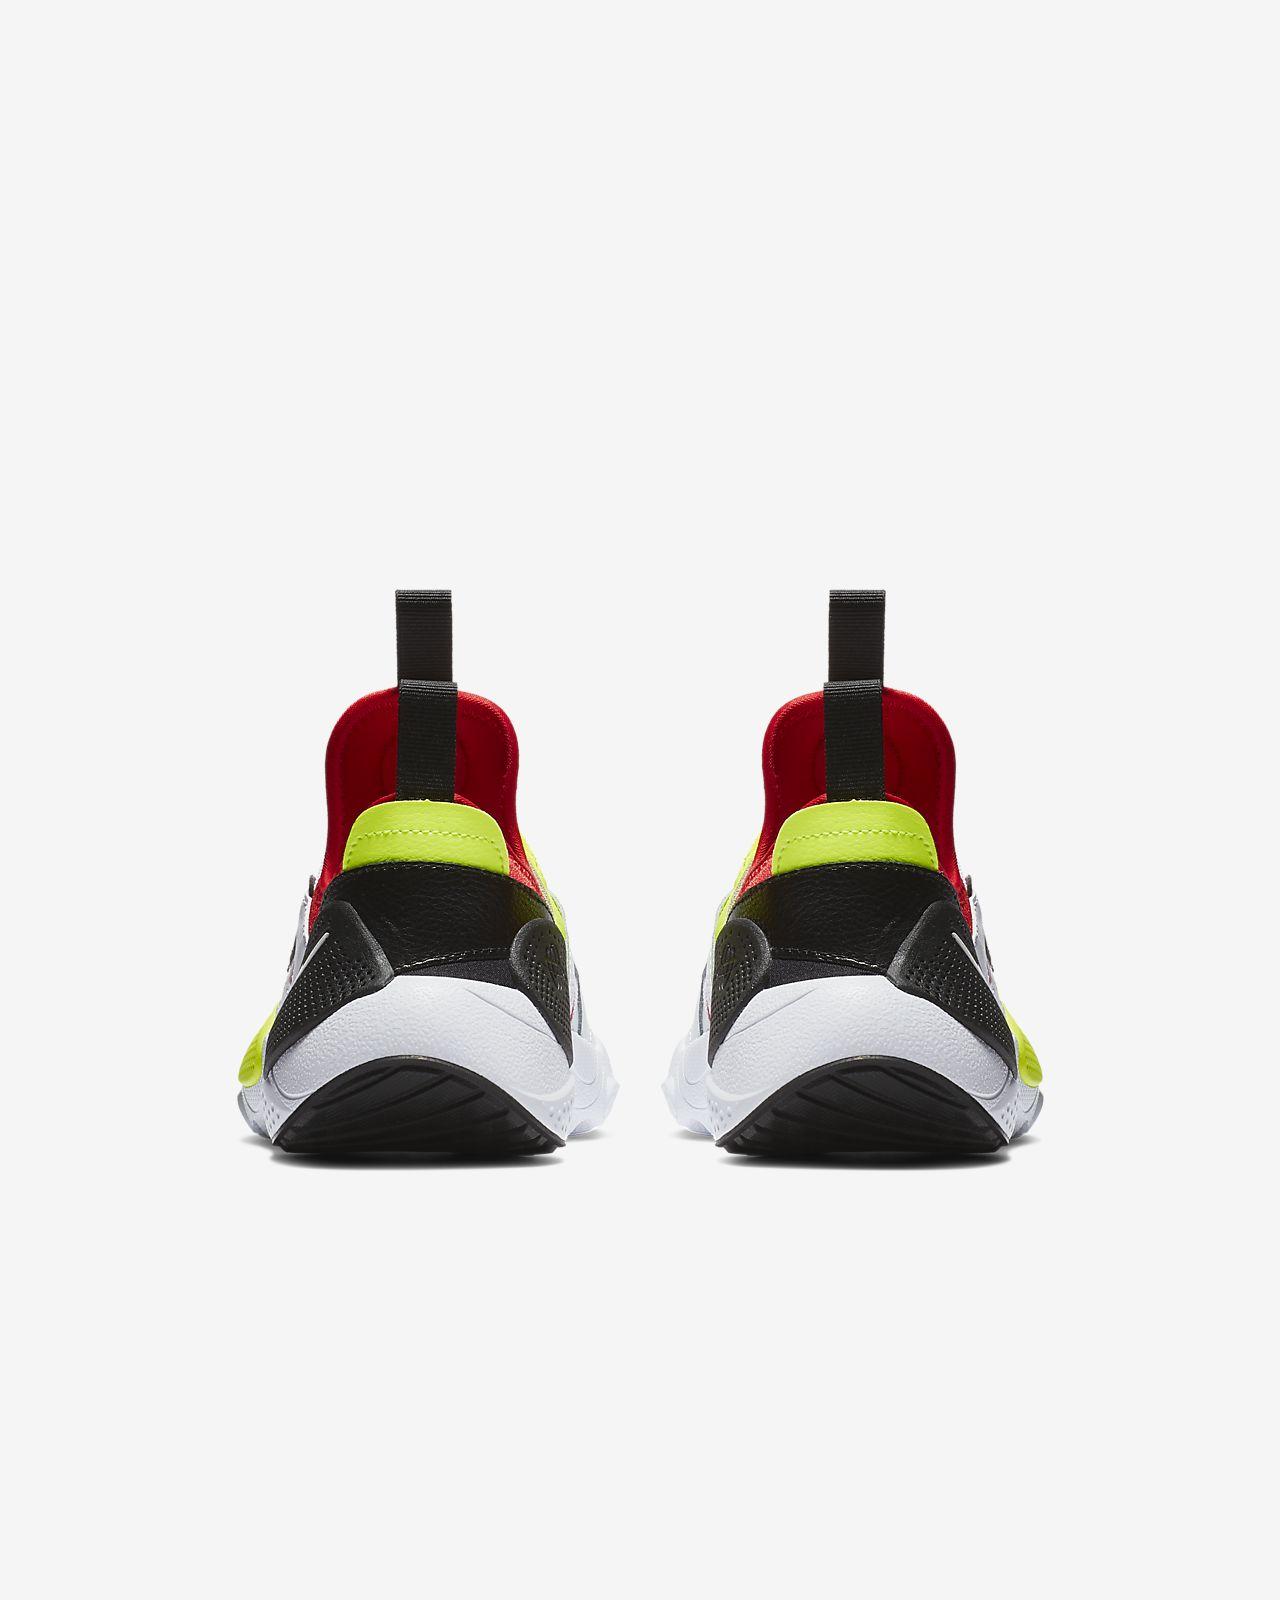 4822eb7918 Nike Huarache E.D.G.E Big Kids' Shoe. Nike.com